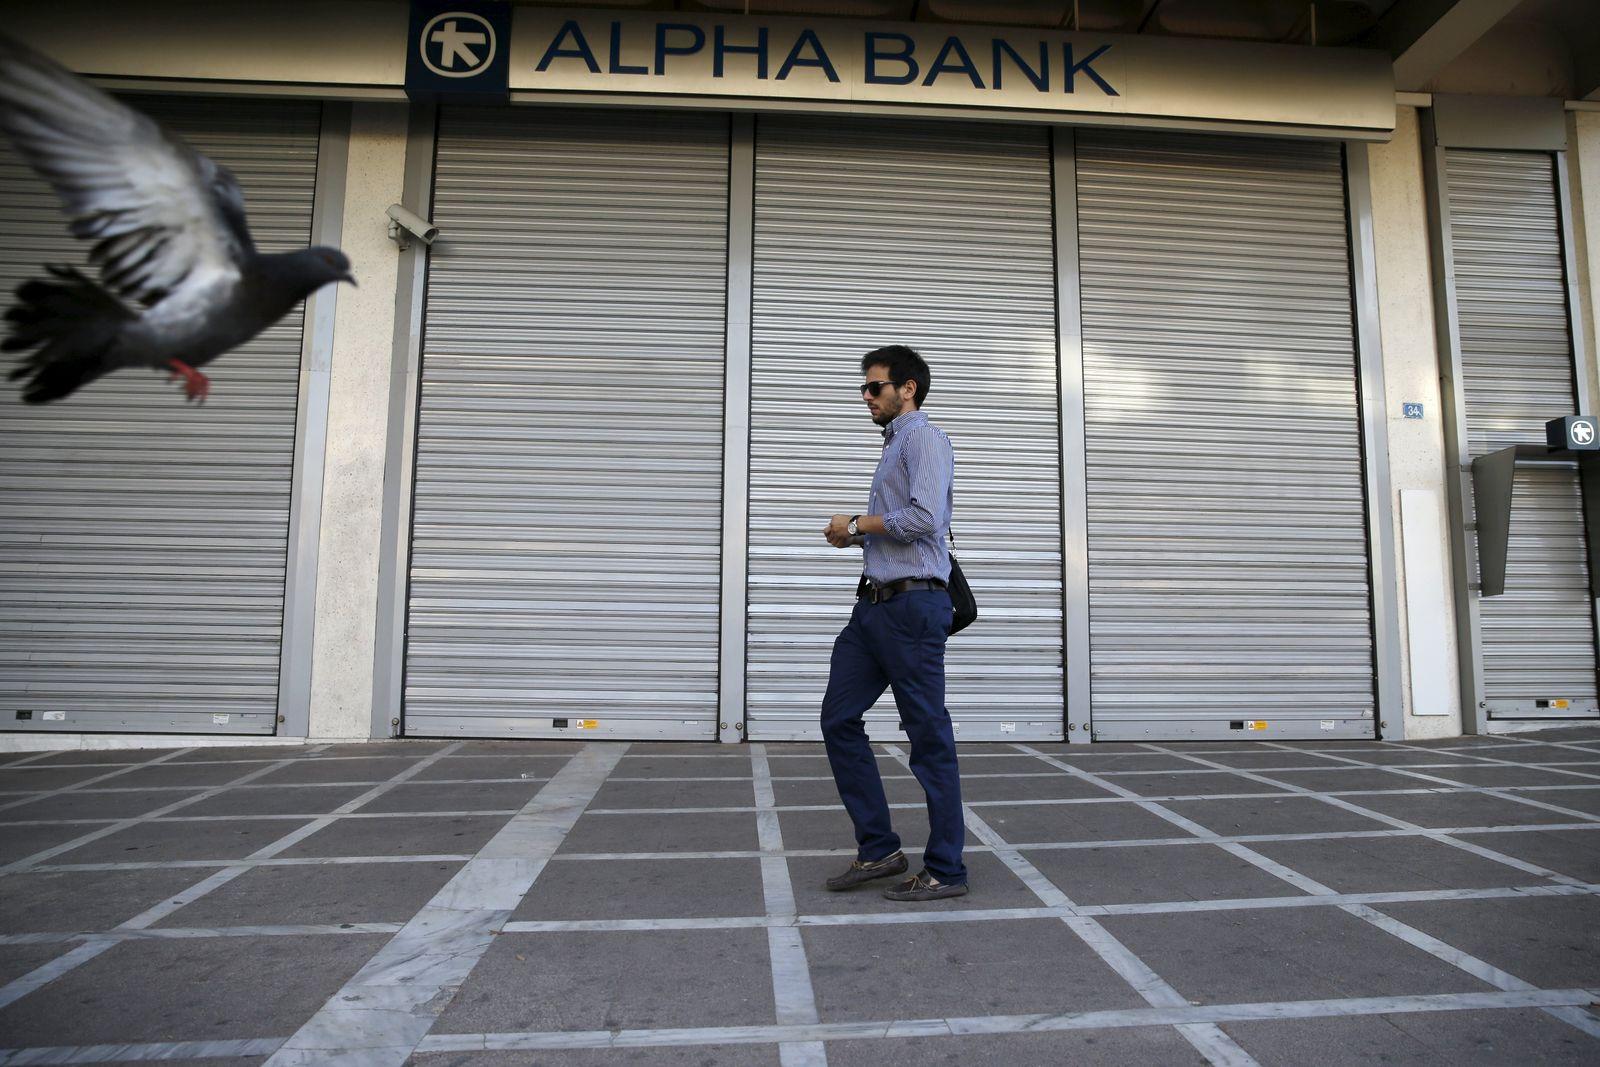 Griechenland/ Bank